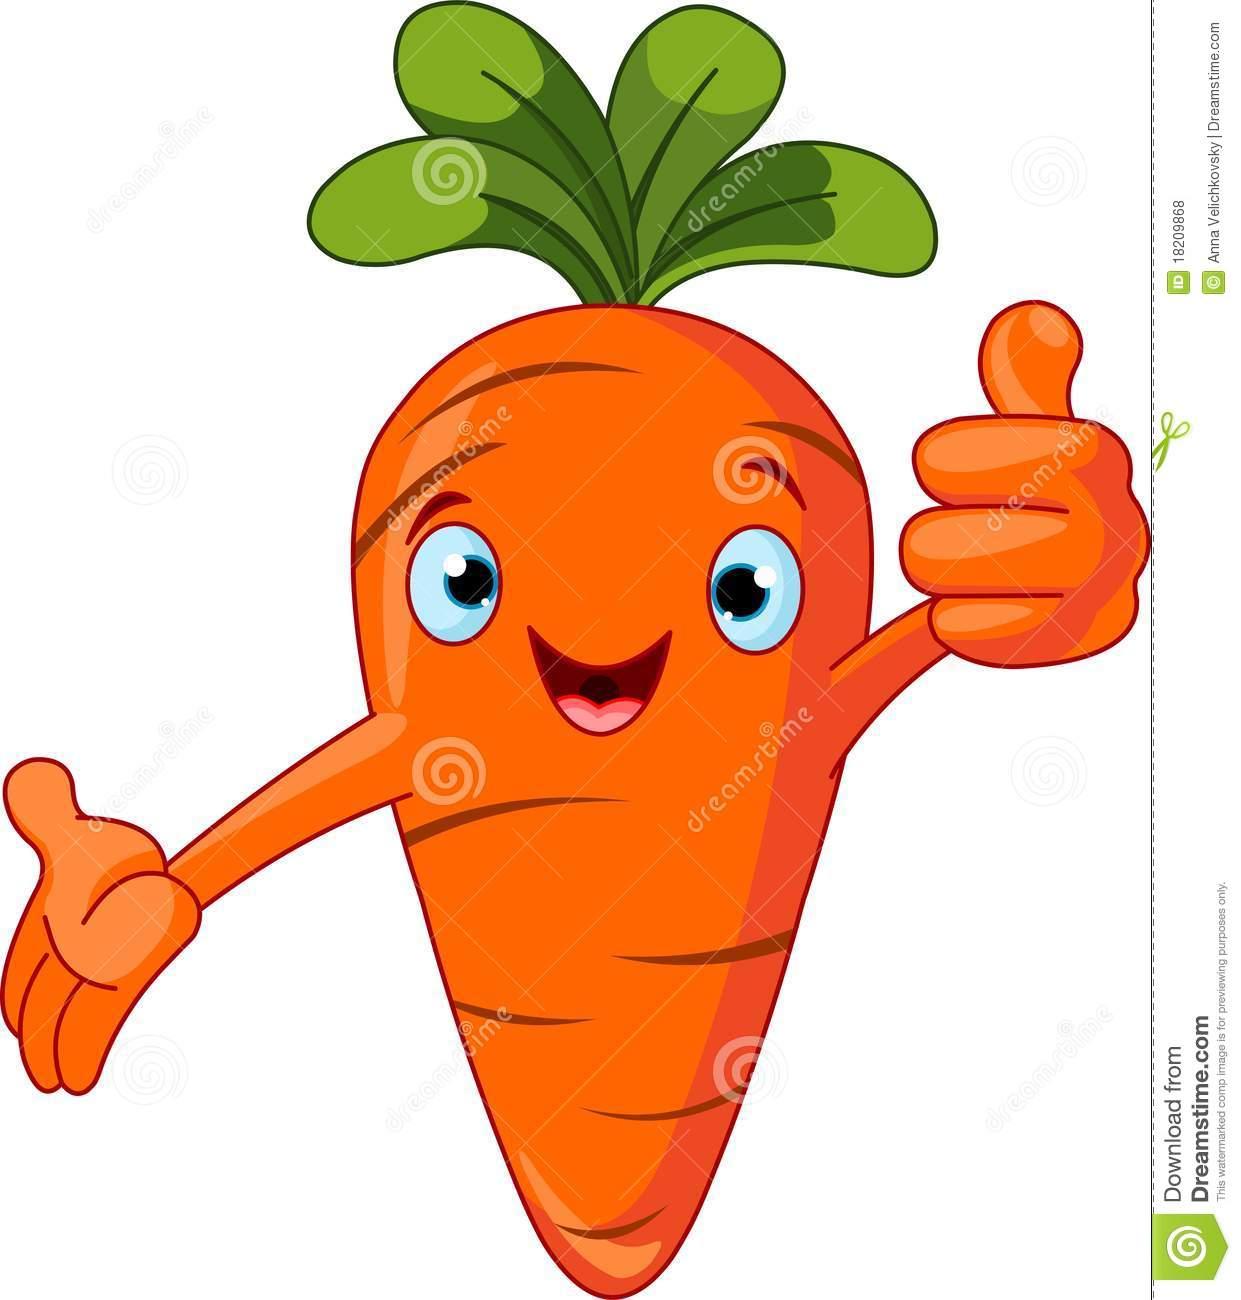 La Zanahoria Coopecanera R L En general, los bizcochos de zanahoria son una excelente opción para un postre sano, gracias a su contenido en vitamina a. coopecanera rl